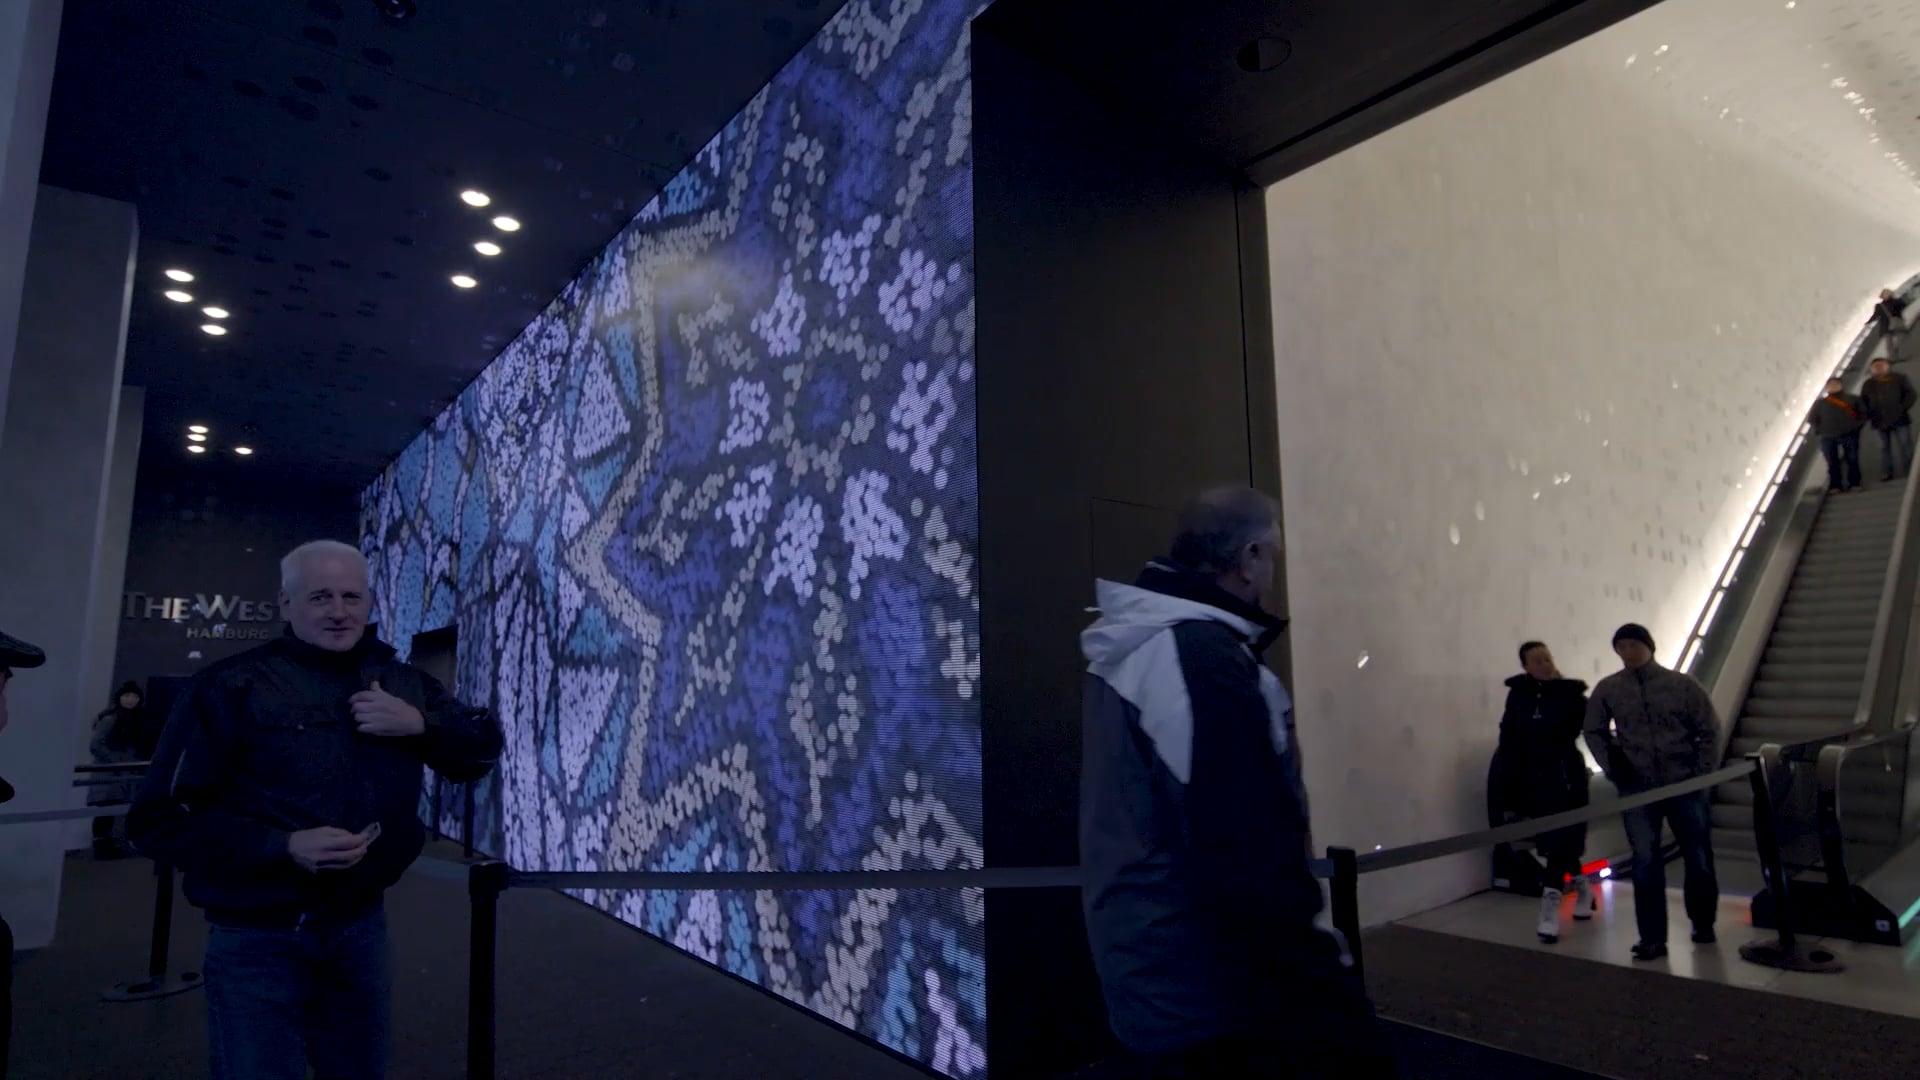 2018 Videos on Elbphilharmonic Hamburg Media Wall